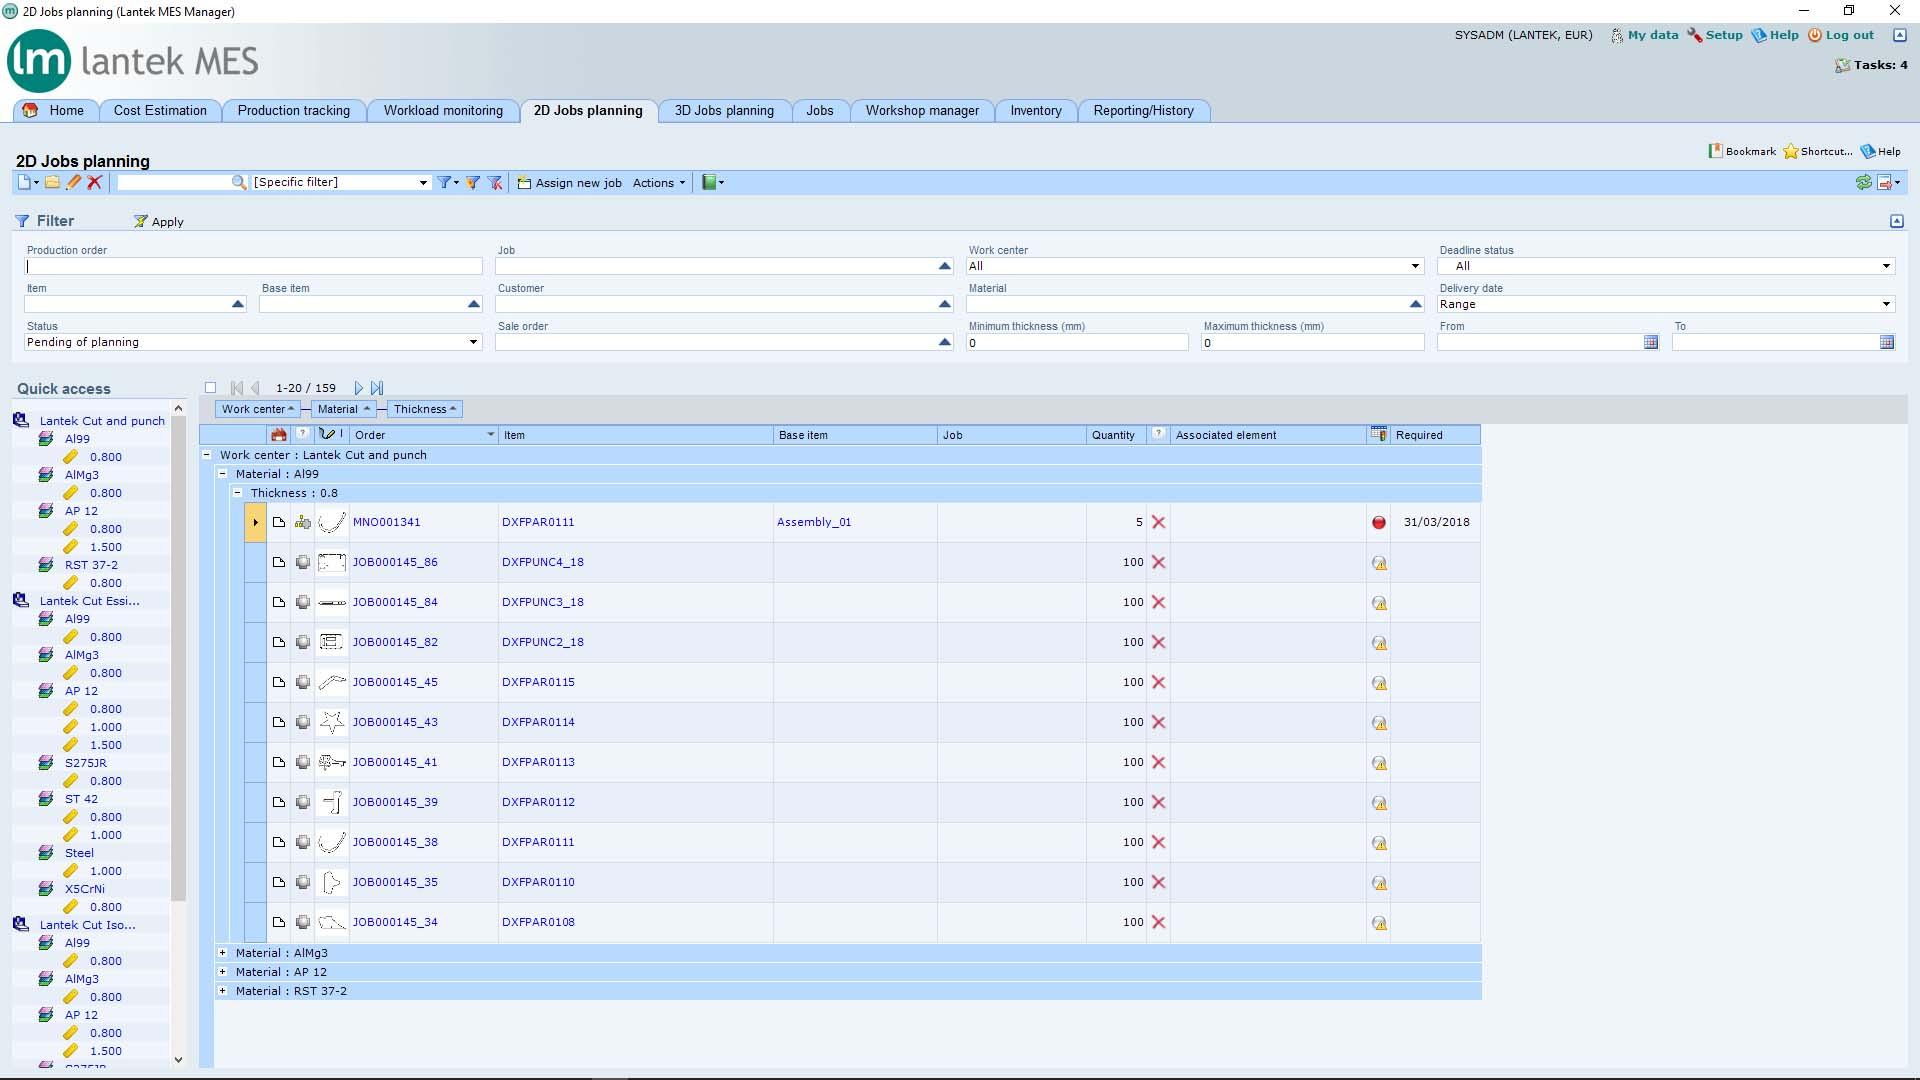 Lantek Manager  - Planificación de trabajos 2D